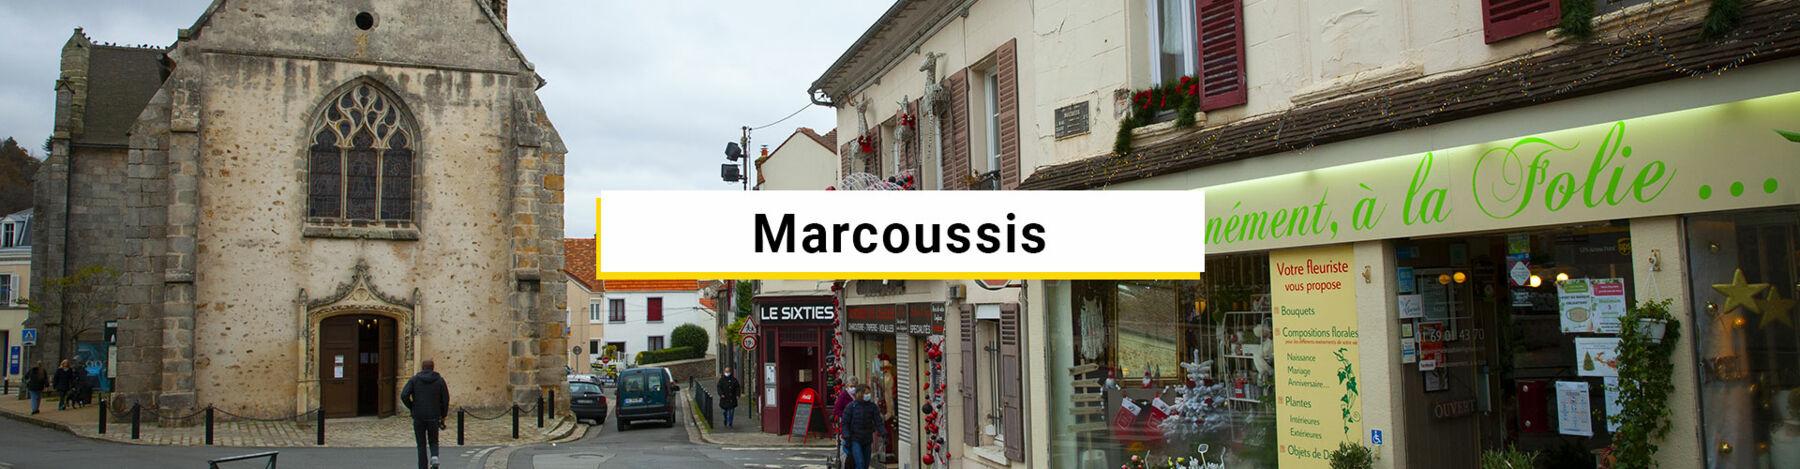 Marcoussis boutiques